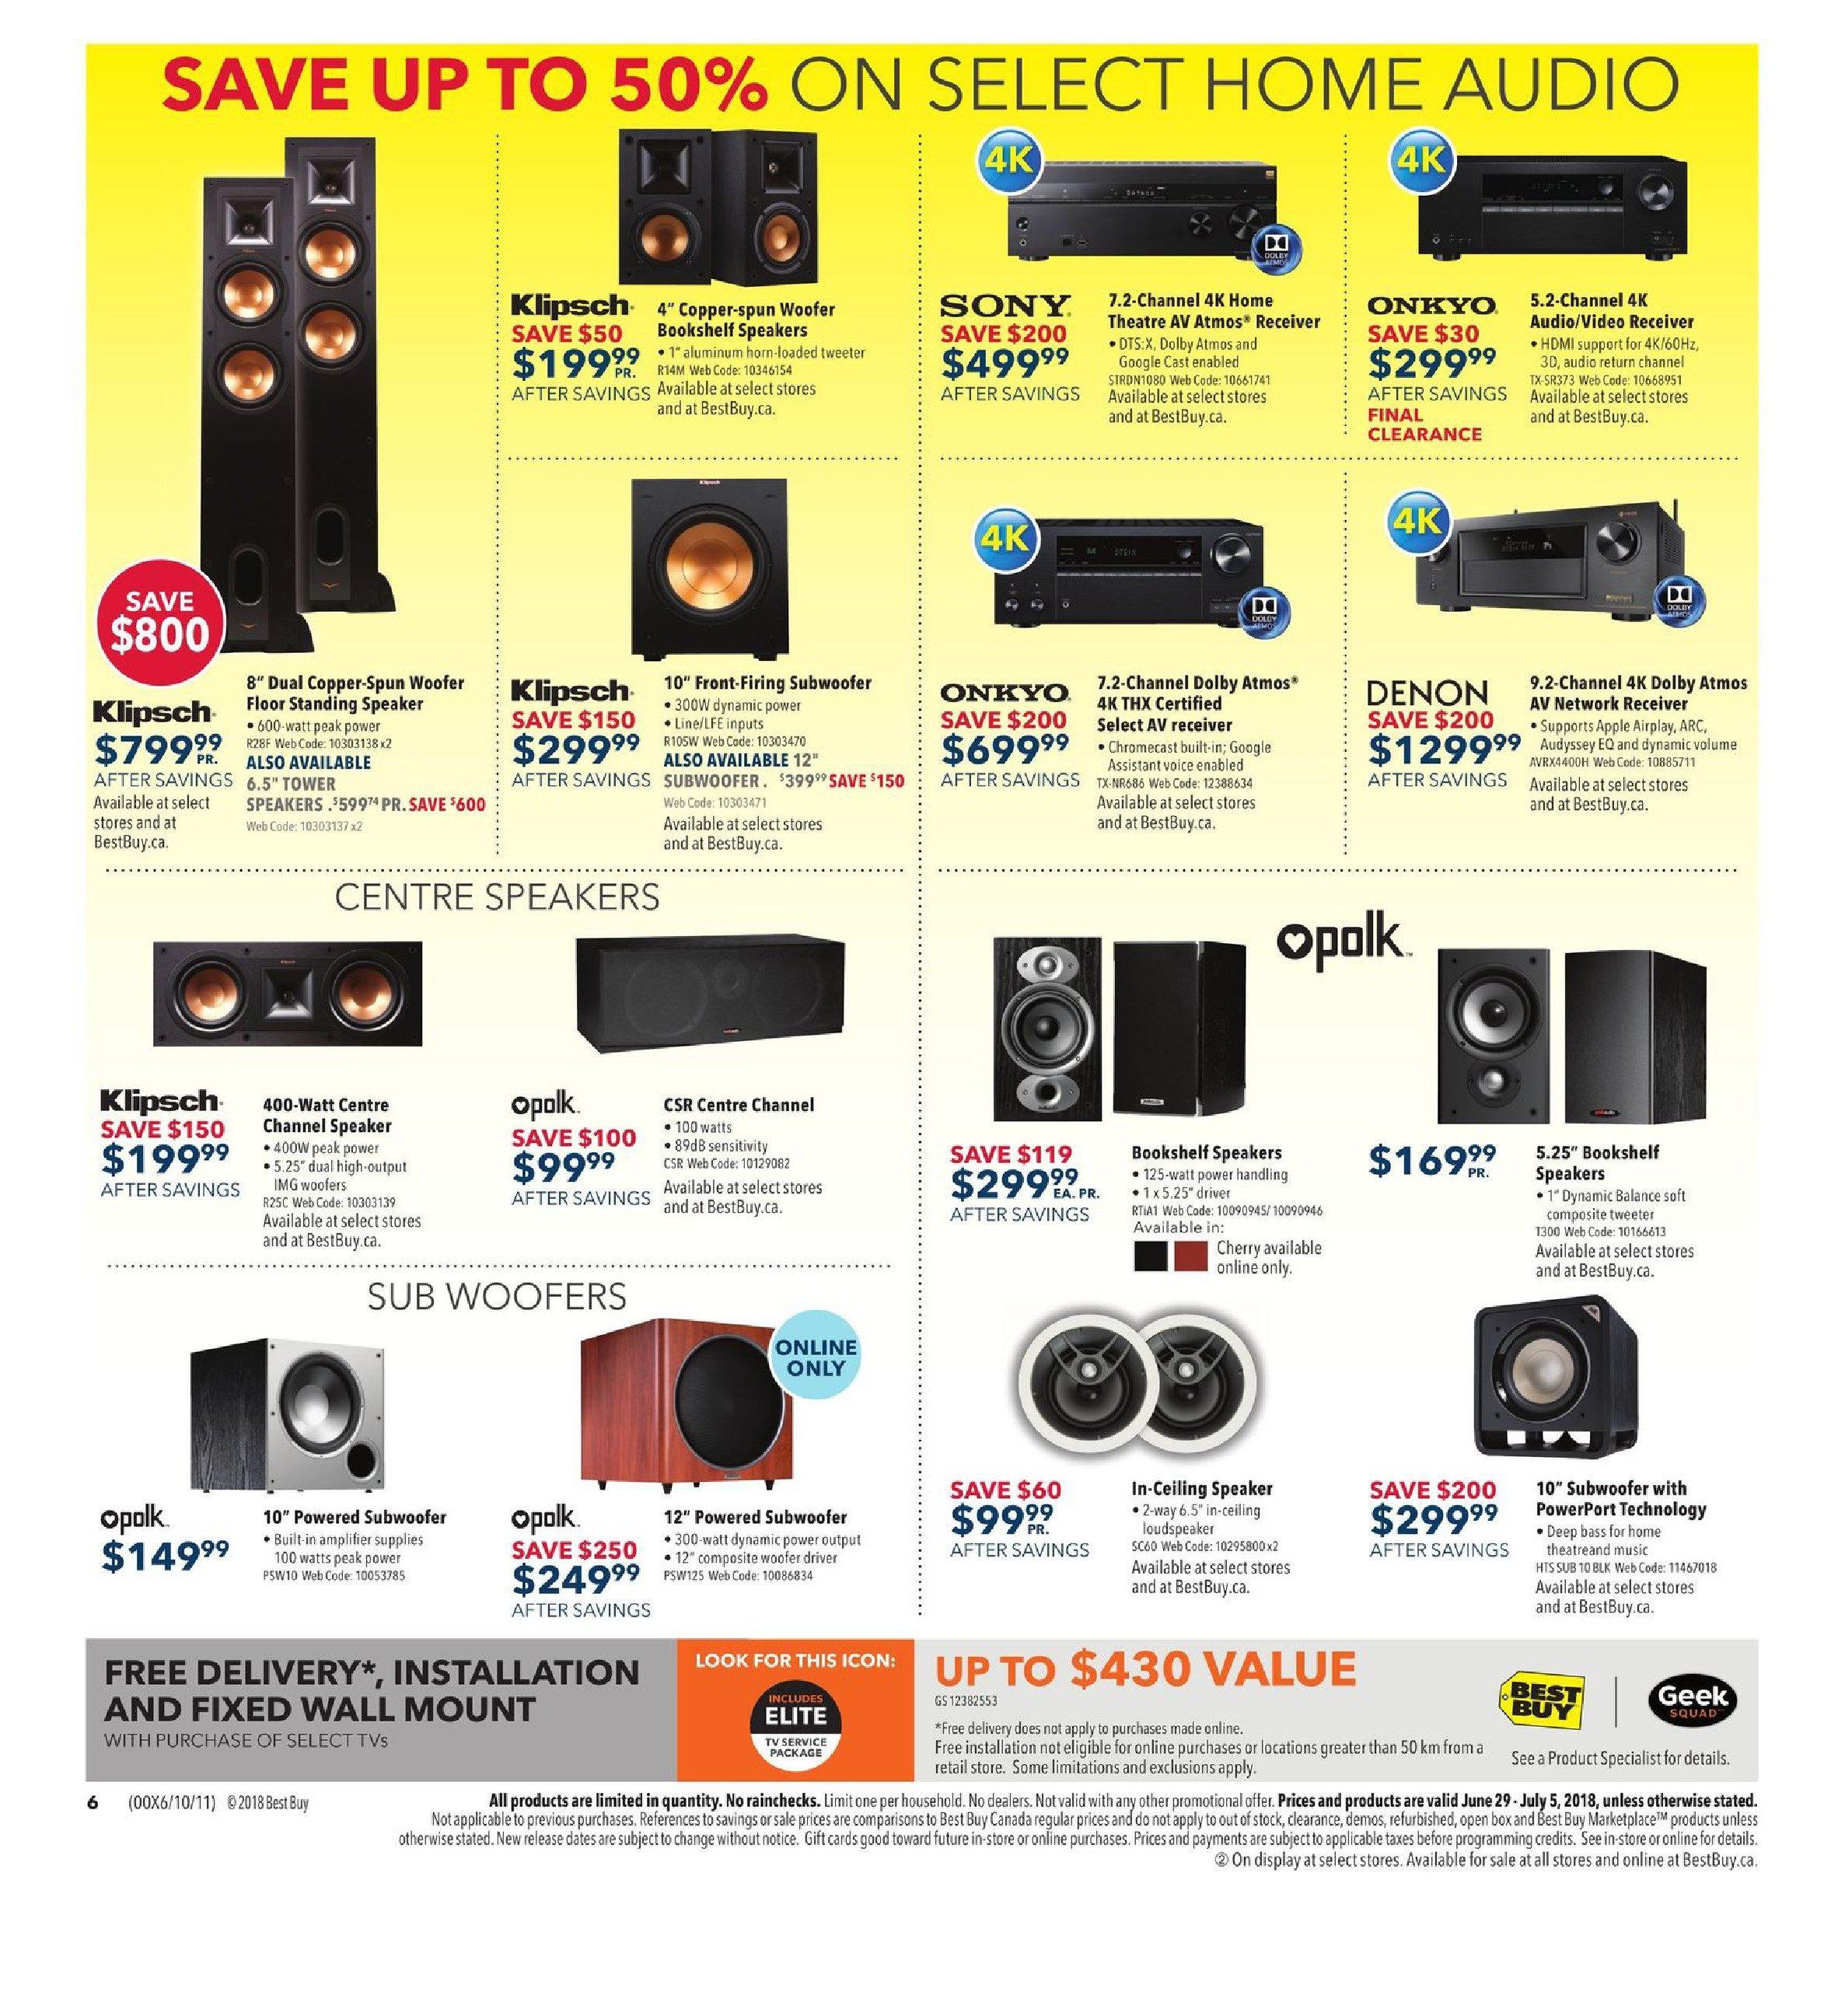 Best Buy Weekly Flyer Boxing Day In July Sale Jun 29 4 Channel Speaker Wiring Diagram Epic 400 Watts Full Range Jul 5